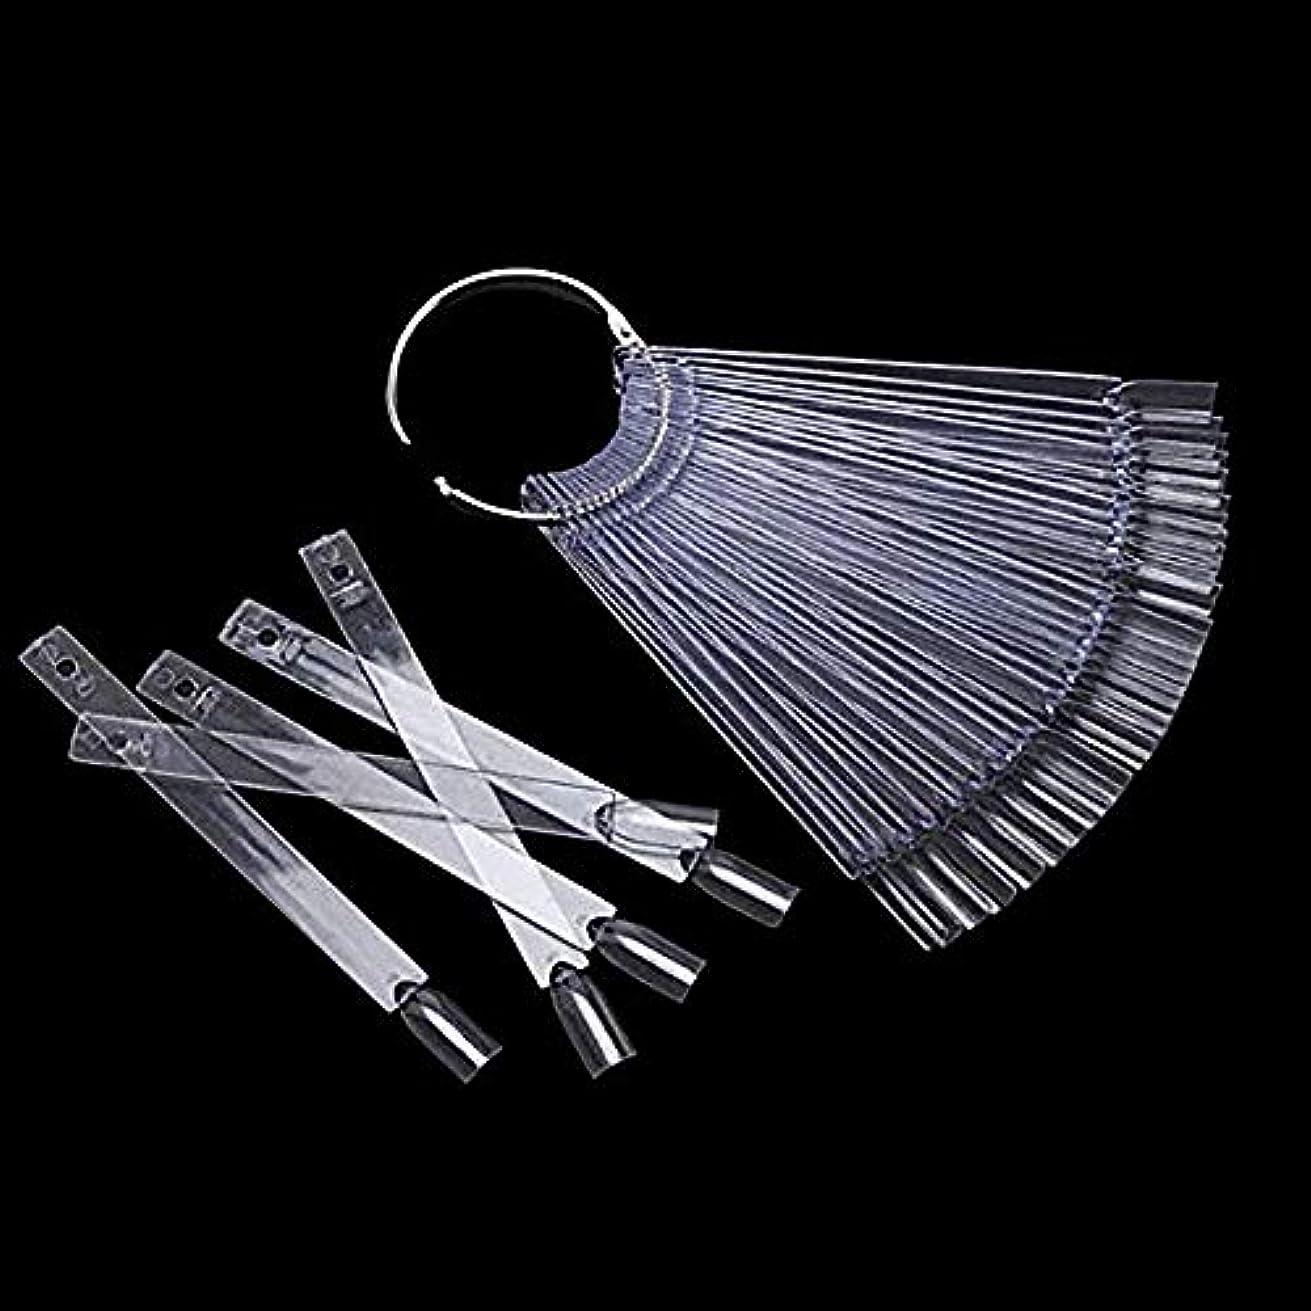 同盟アストロラーベ椅子48本 カラーチャート スティックタイプ クリア ネイル カラーチャート スティック チップ ディスプレイ ア